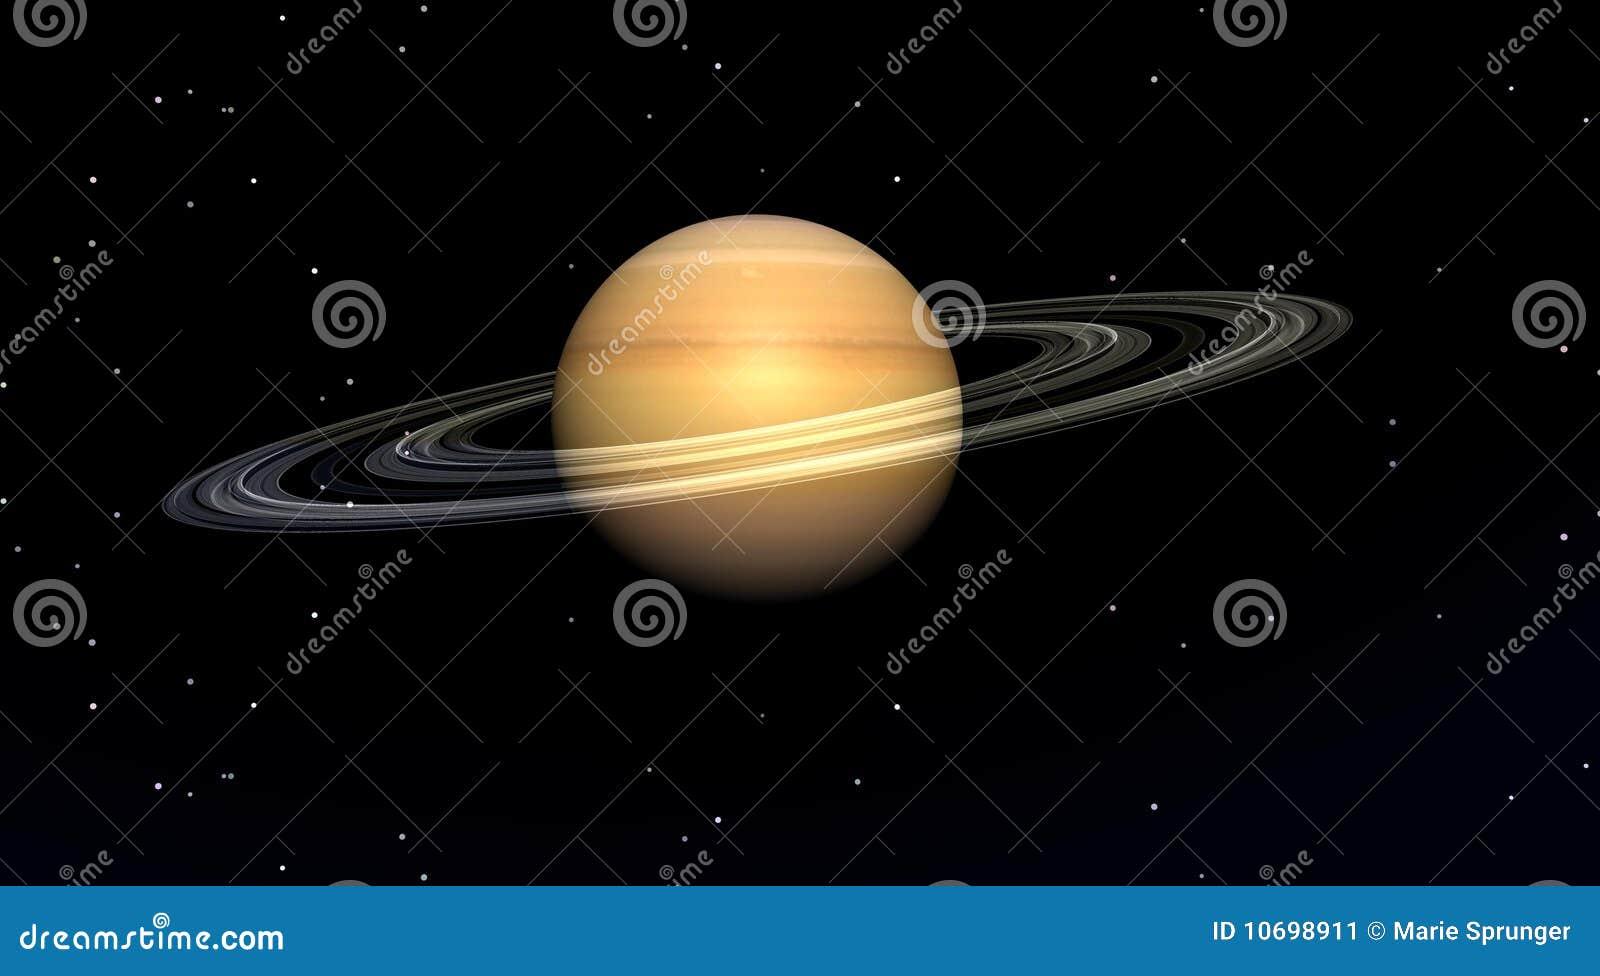 πλανήτης Κρόνος